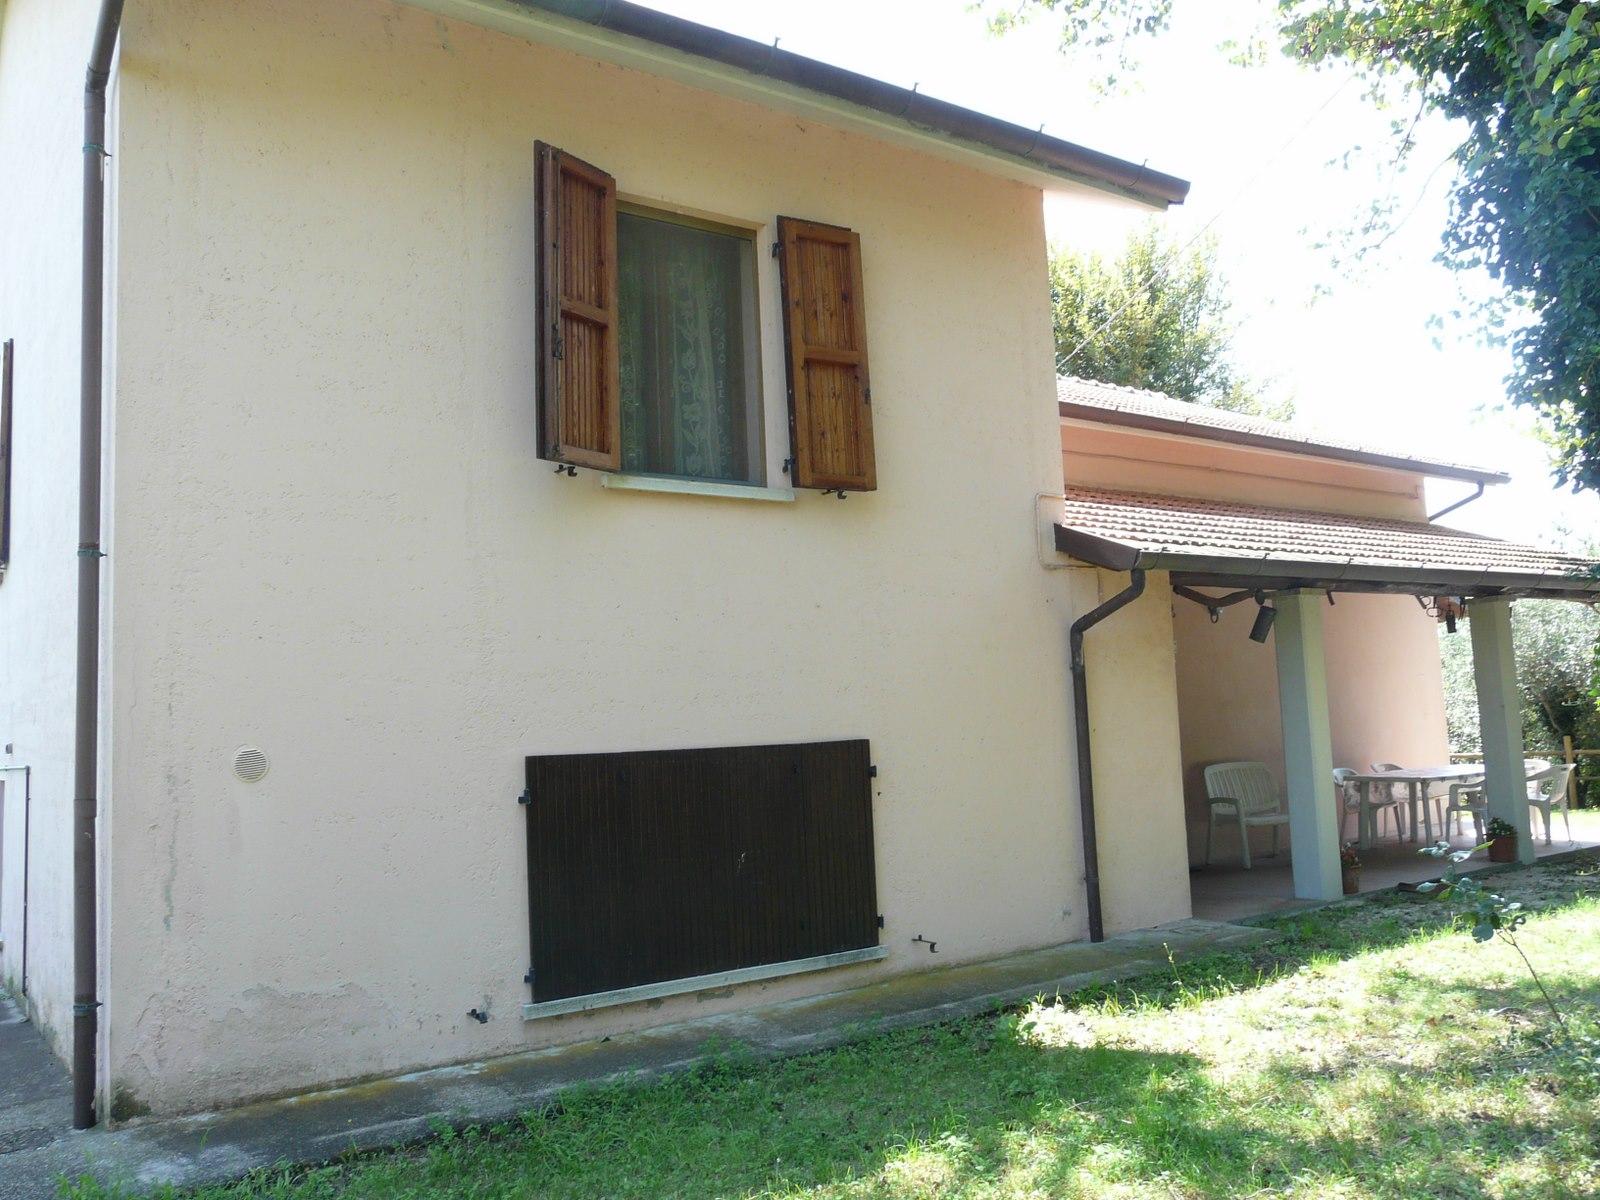 Ferienhaus Ca Brunino (1491621), Fano (IT), Adriaküste (Marken), Marken, Italien, Bild 12